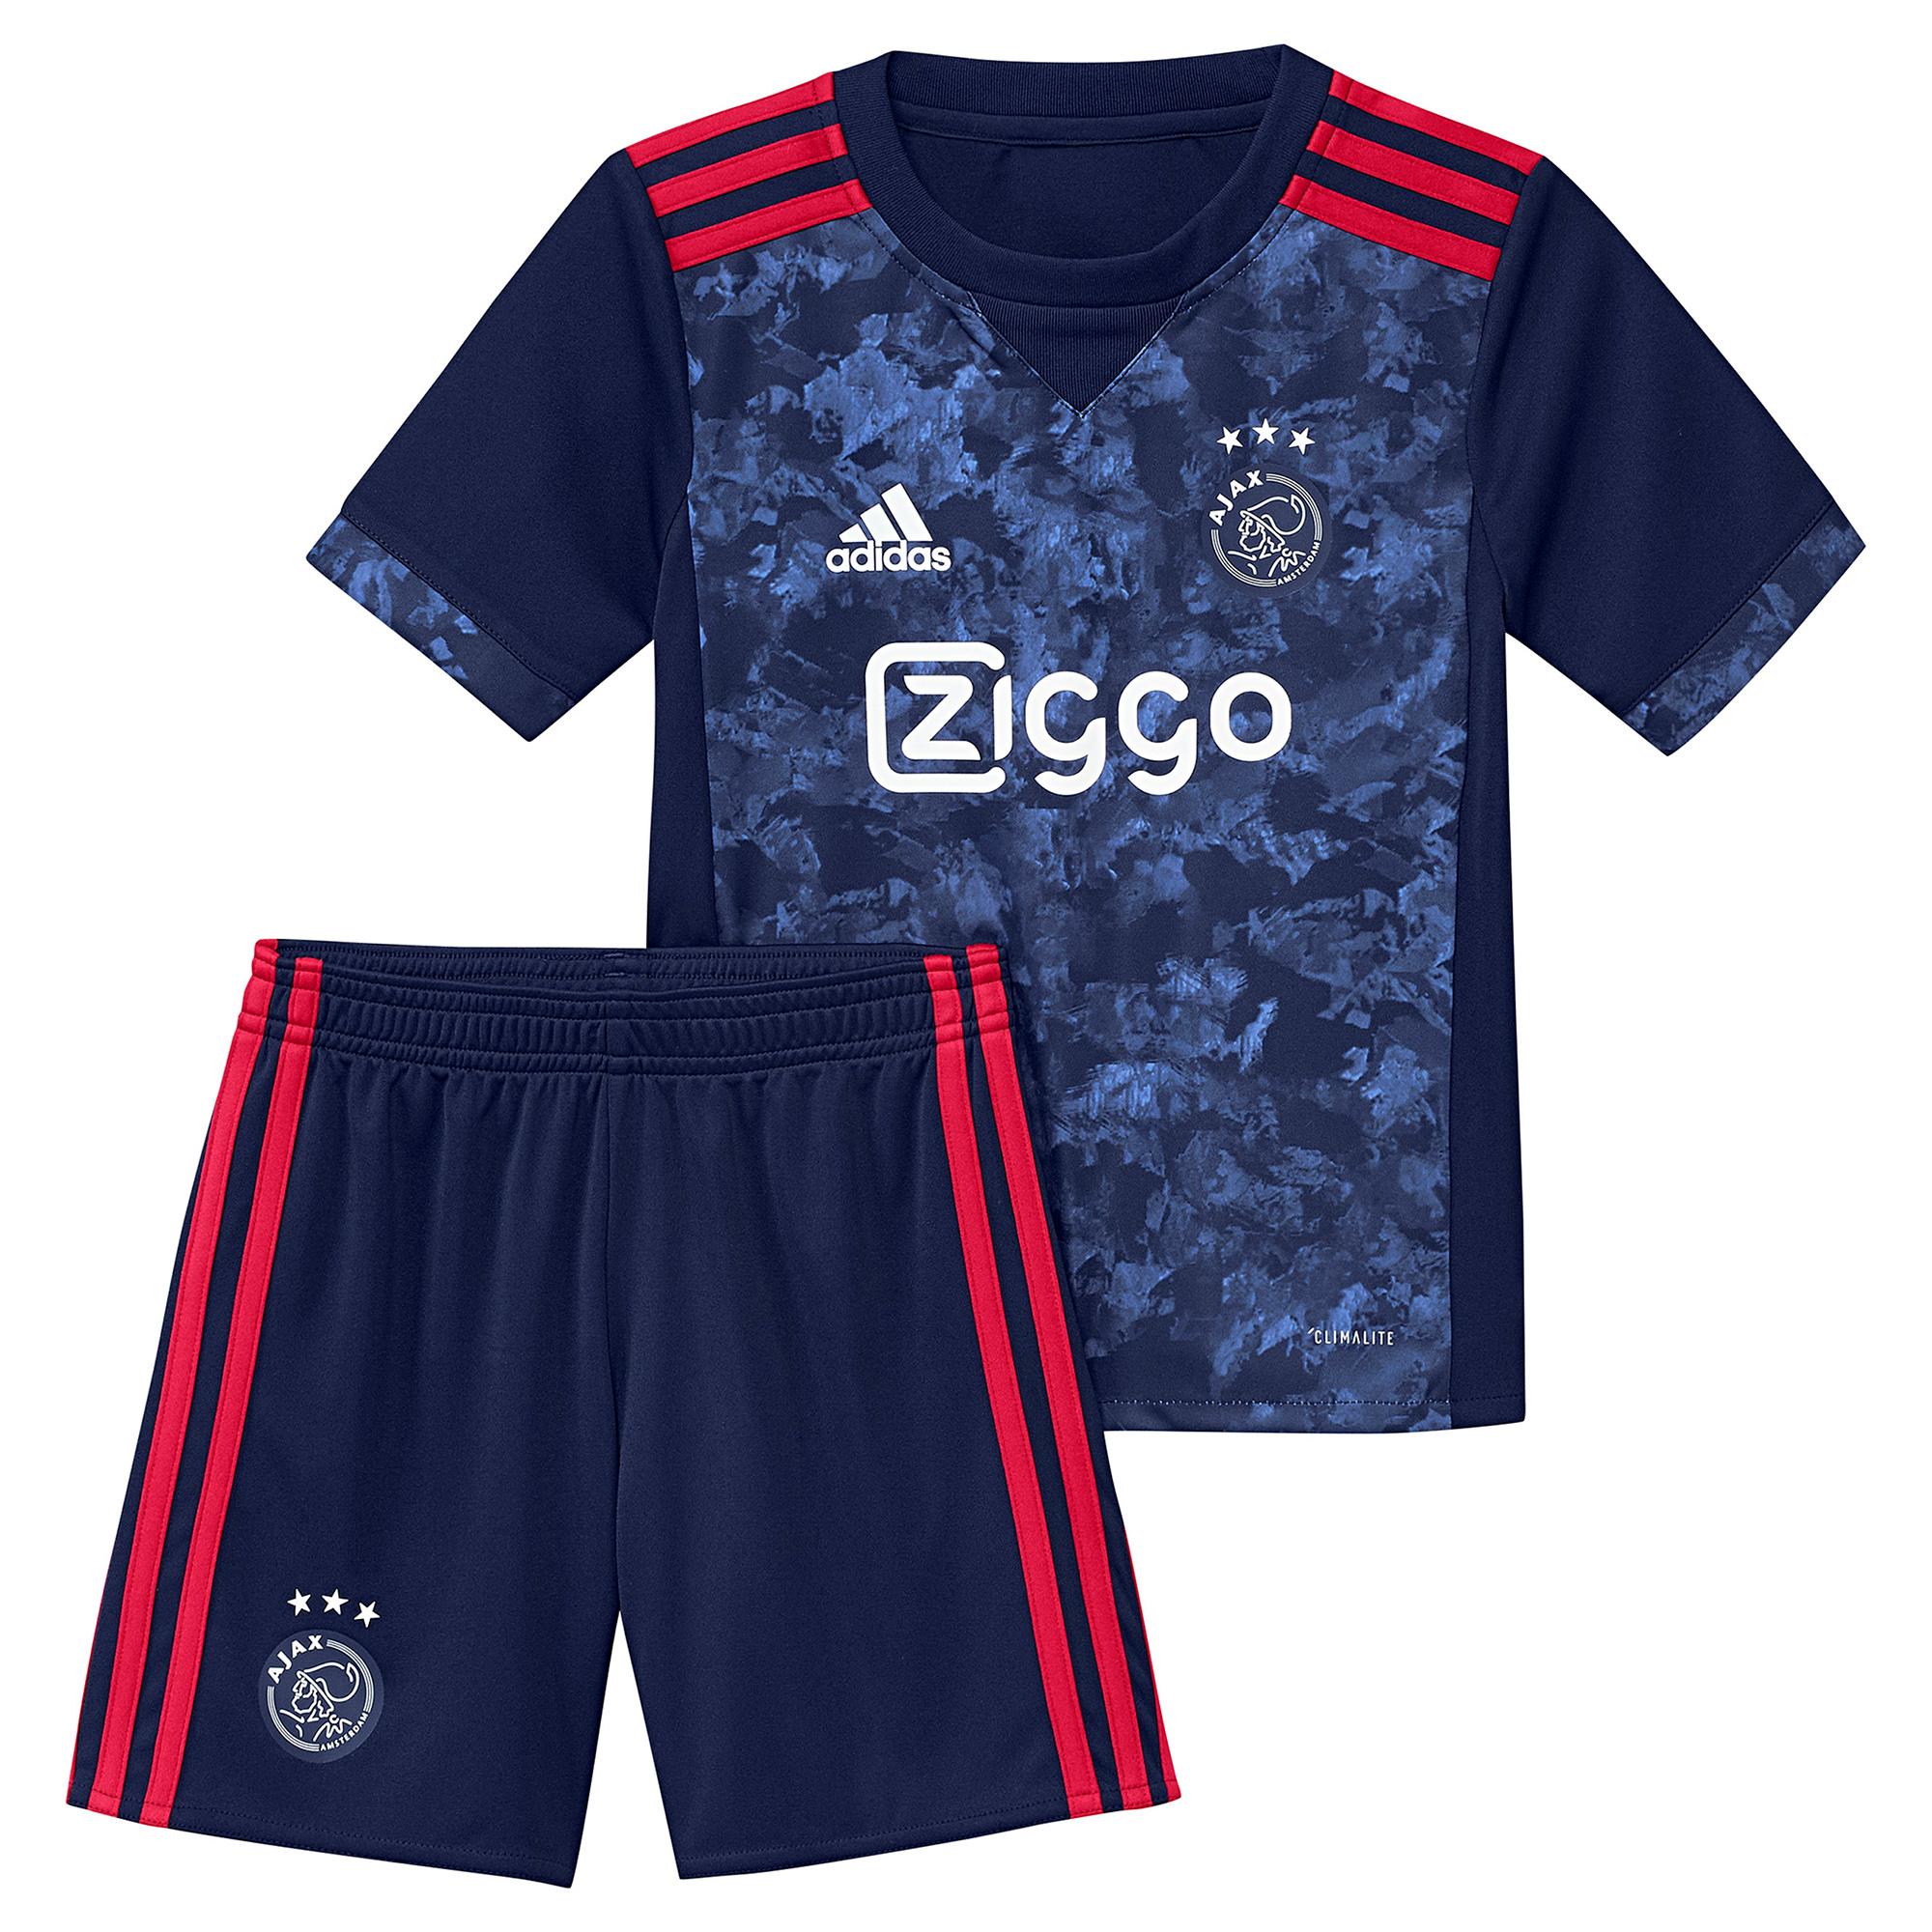 Adidas Ajax Amsterdam DETSKÝ dres + kraťasy (2017-2018) ac9ab77935e